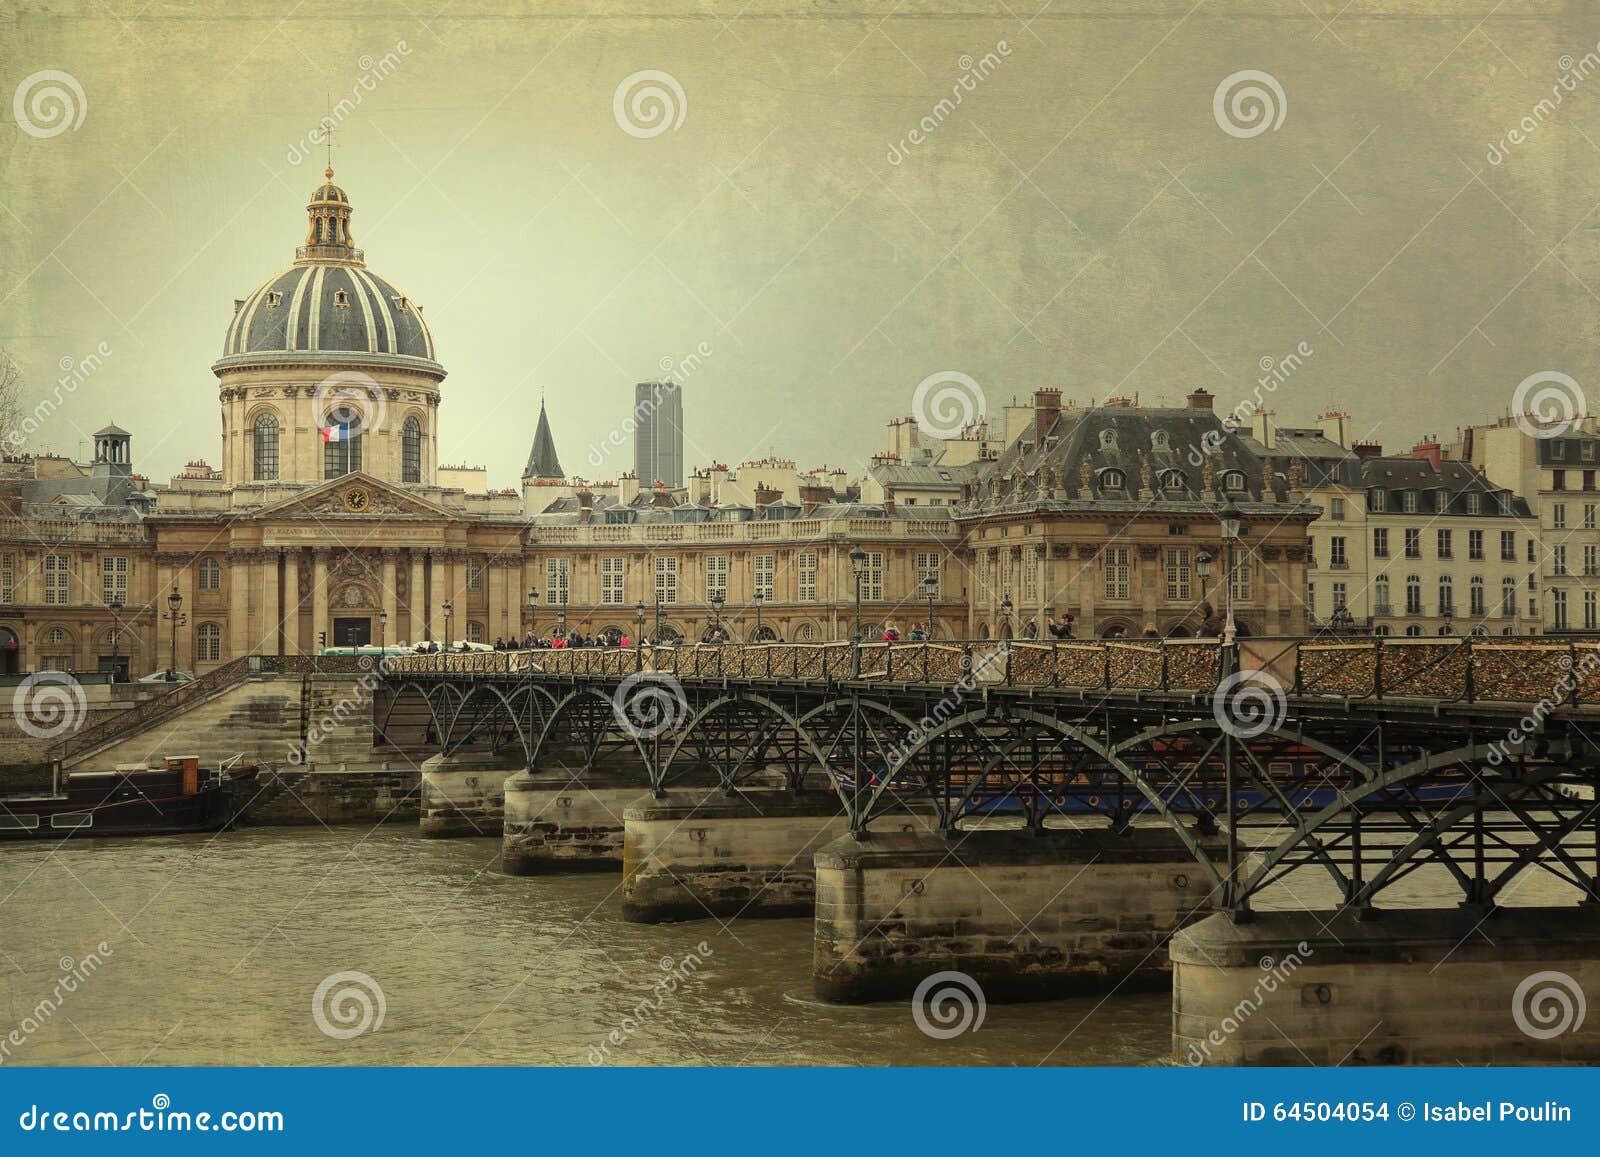 Istituto de Francia, Parigi